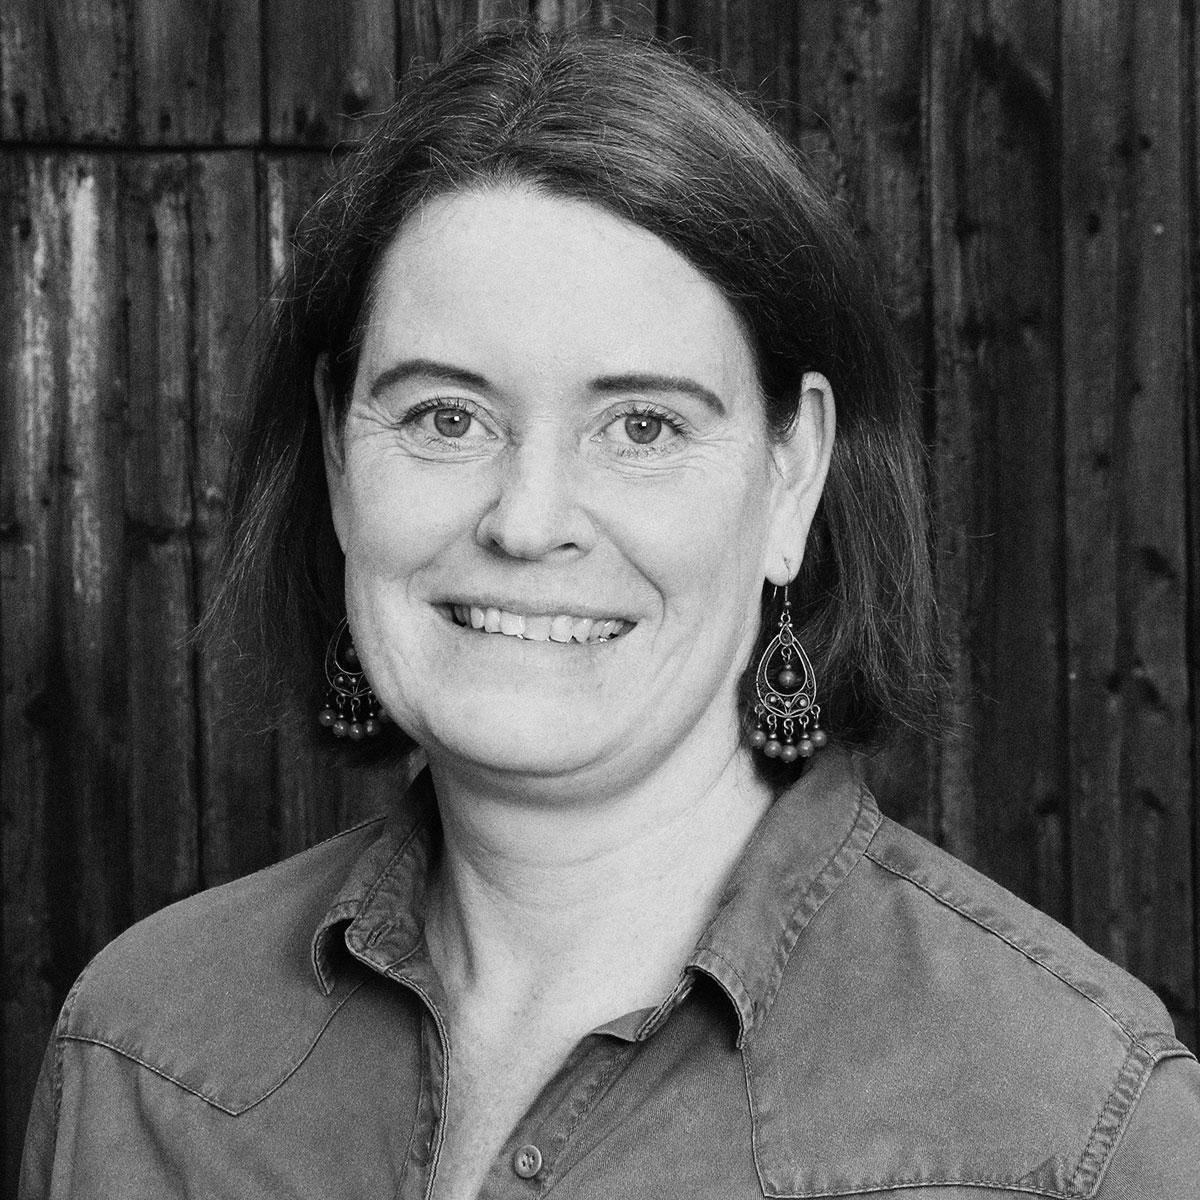 Dr. Iris Mackensen-Friedrichs